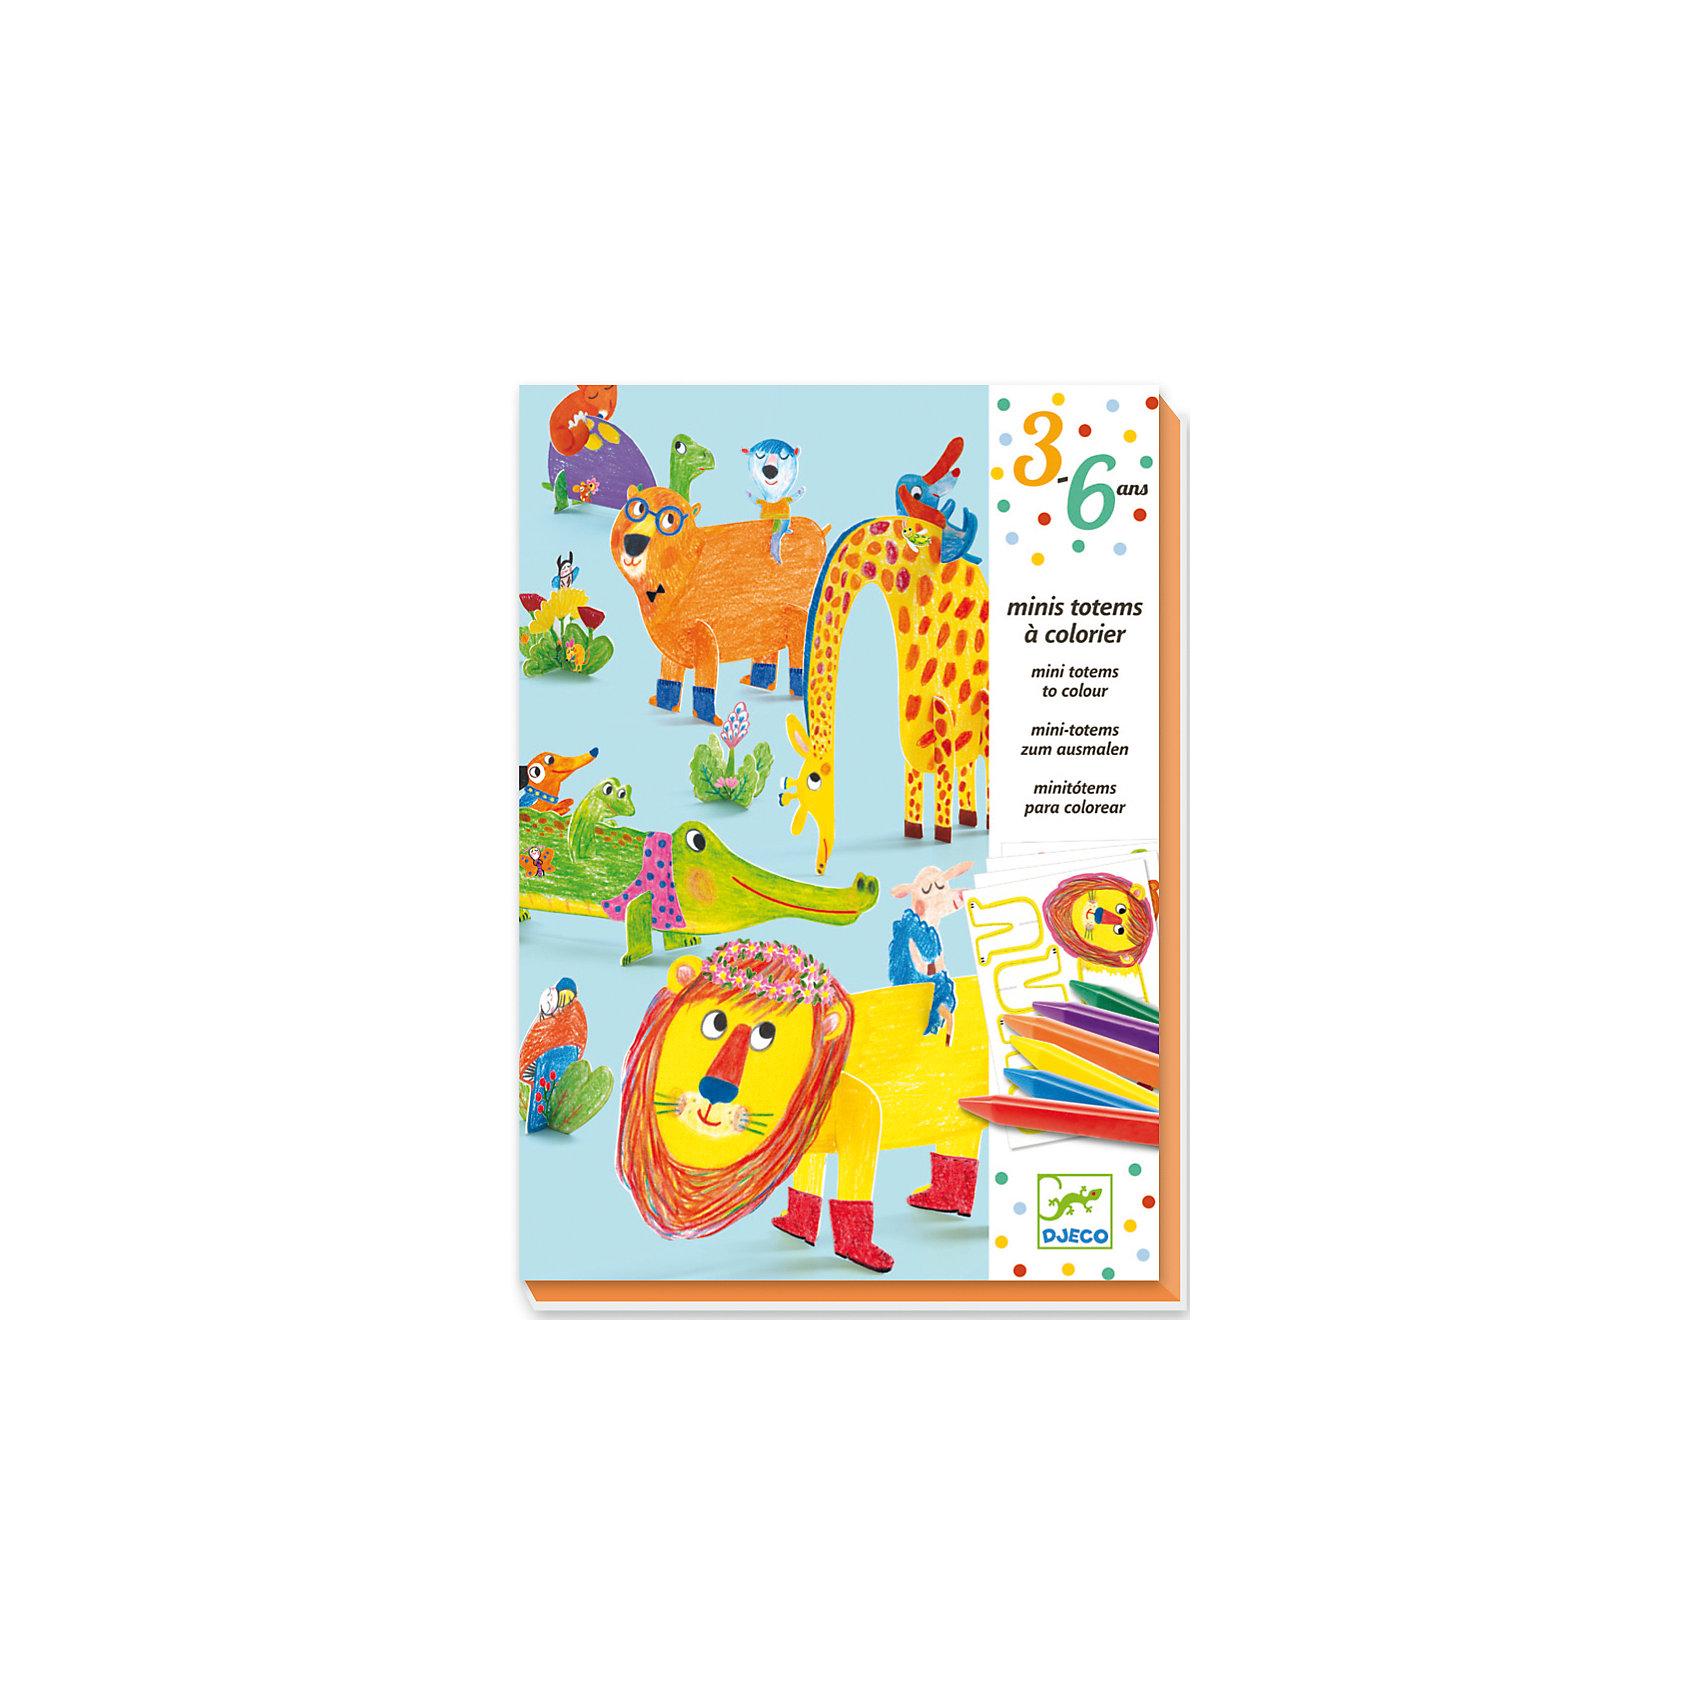 Набор для раскрашивания с карандашами и наклейками ДрузьяНаборы для раскрашивания<br>Превосходный набор для творчества Друзья от французского производителя Djeco поможет раскрыть творческий потенциал вашего ребенка! Детям непременно придется по вкусу этот замечательный набор для творчества. С его помощью они смогут самостоятельно раскрасить мини-изображения забавных и дружелюбных животных. Дети смогут раскрасить изображения, добавить наклейки, выдавить получившееся цветное изображения из листа и придать ему форму. В набор входит: <br>6 листов с животными для раскрашивания и выдавливания,6 цветных карандашей,лист с наклейками,пошаговая инструкция.<br><br>Набор для раскрашивания с карандашами и наклейками Друзья можно купить в нашем магазине.<br><br>Ширина мм: 30<br>Глубина мм: 160<br>Высота мм: 230<br>Вес г: 400<br>Возраст от месяцев: 36<br>Возраст до месяцев: 72<br>Пол: Унисекс<br>Возраст: Детский<br>SKU: 4783897